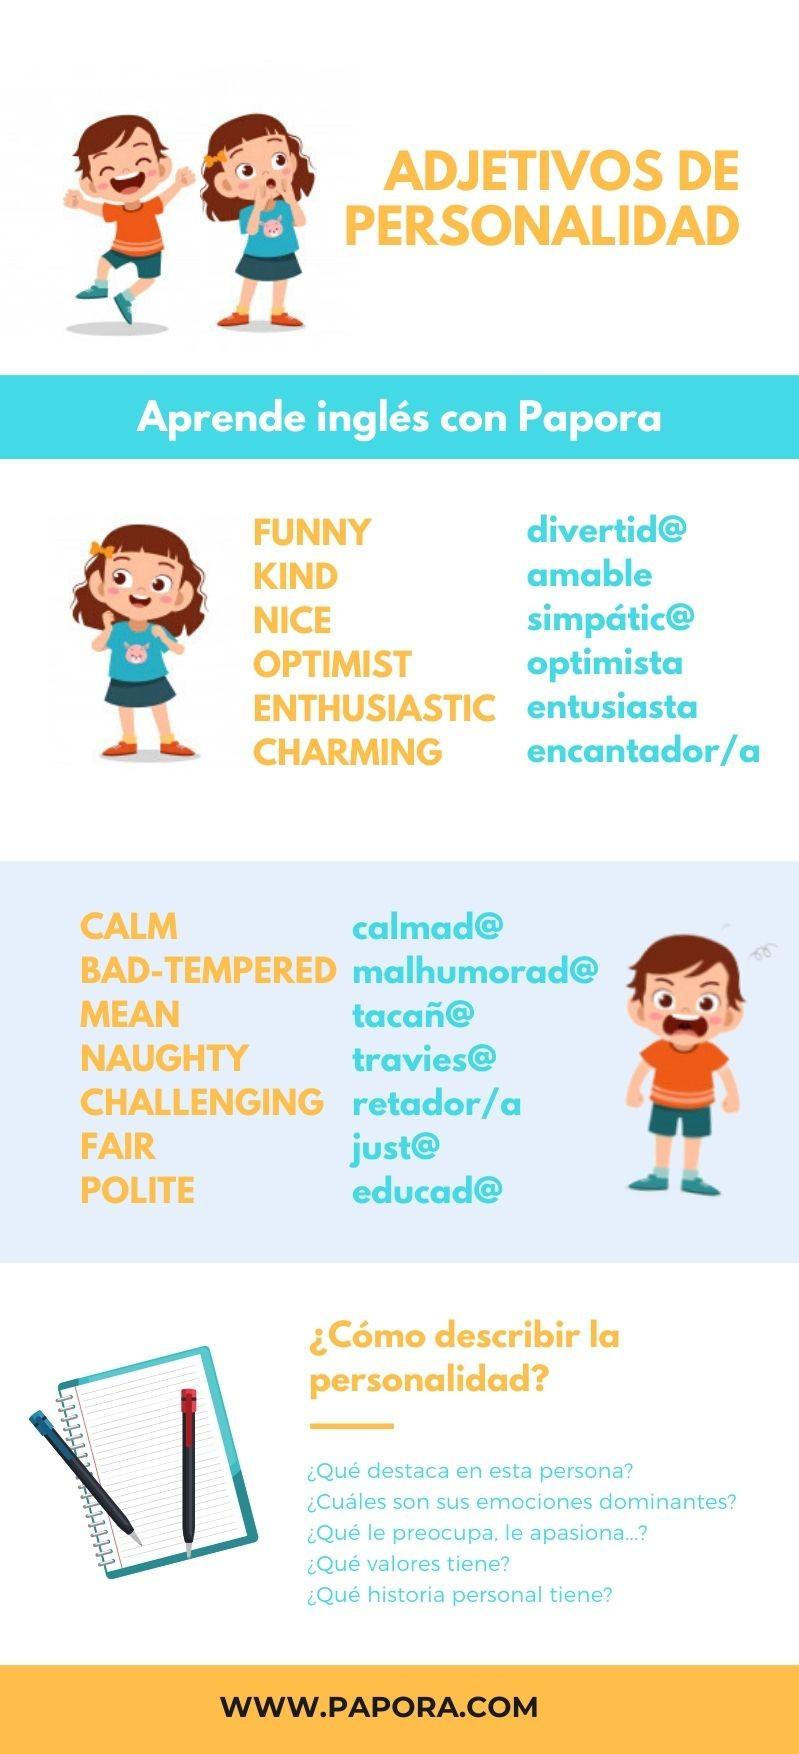 adjetivos de personalidad ingles